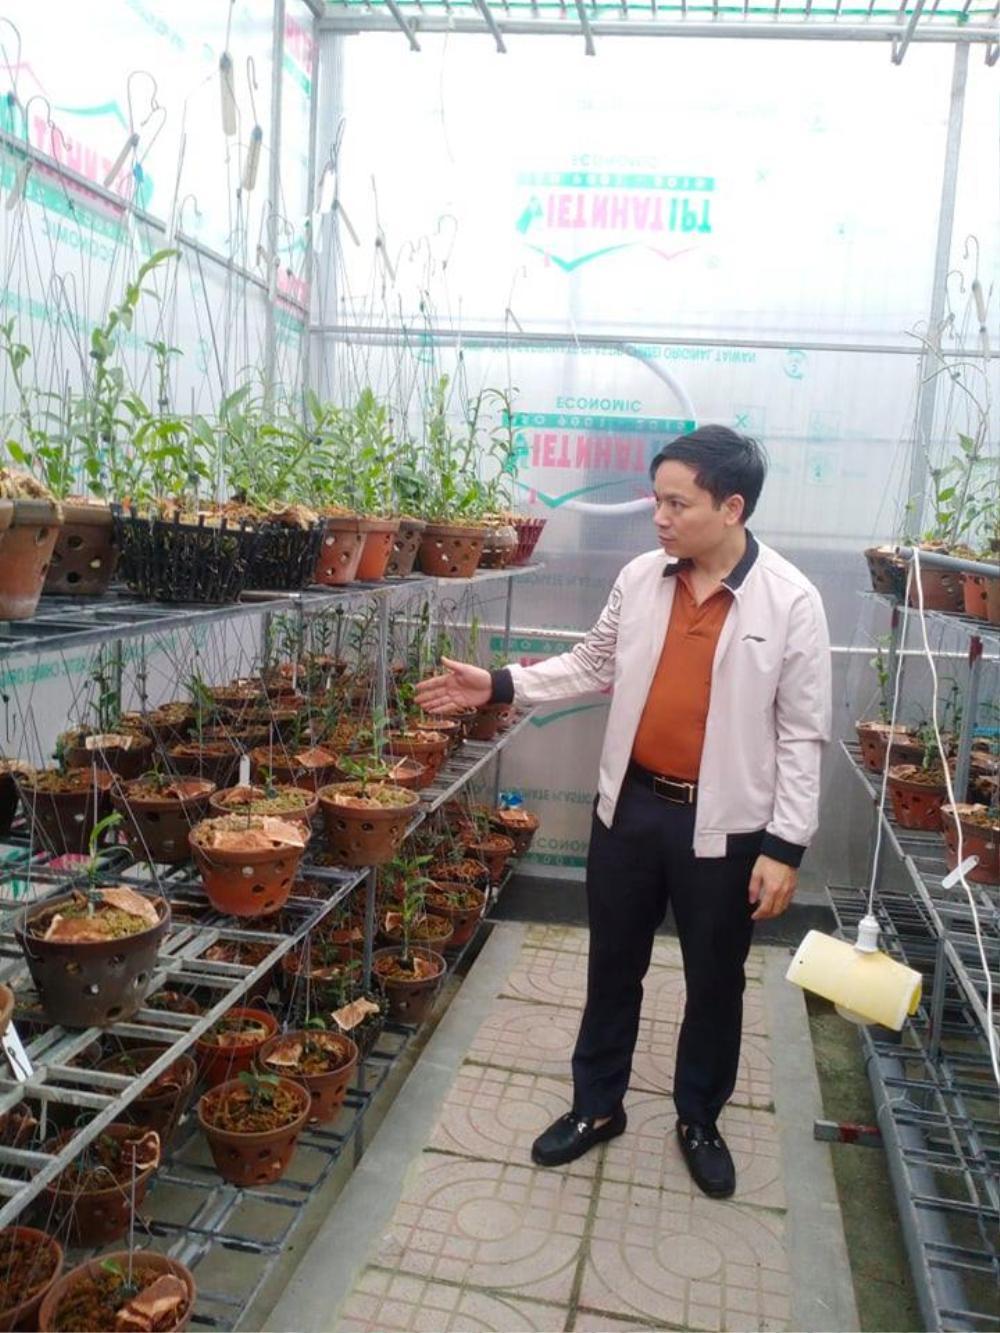 Ông chủ 7X Mạnh Hùng và bí quyết thành công khi trồng lan Ảnh 5